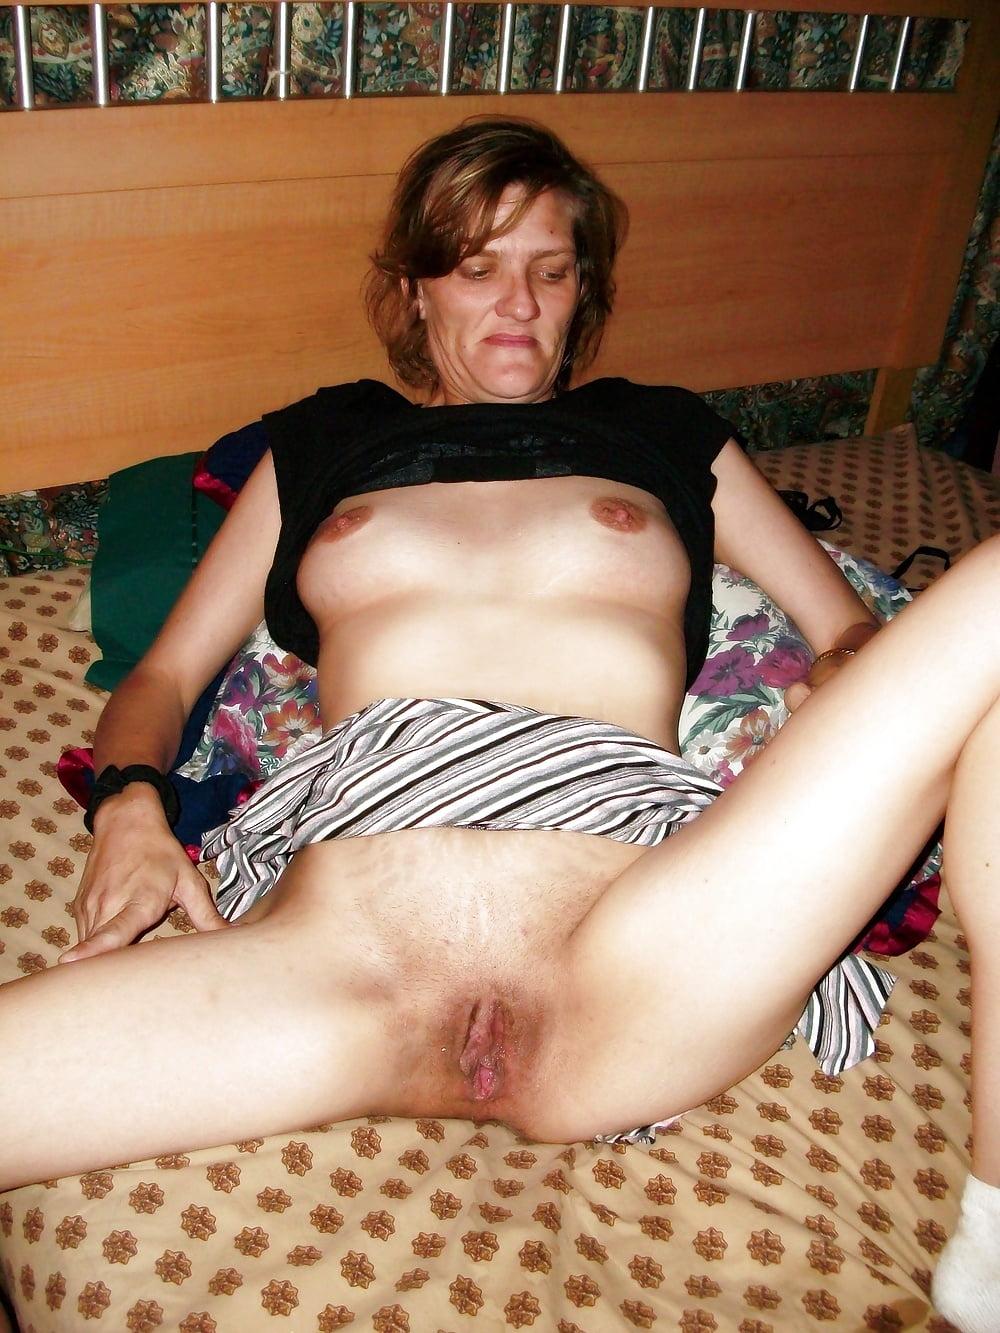 ass-nasty-ugly-naked-bitch